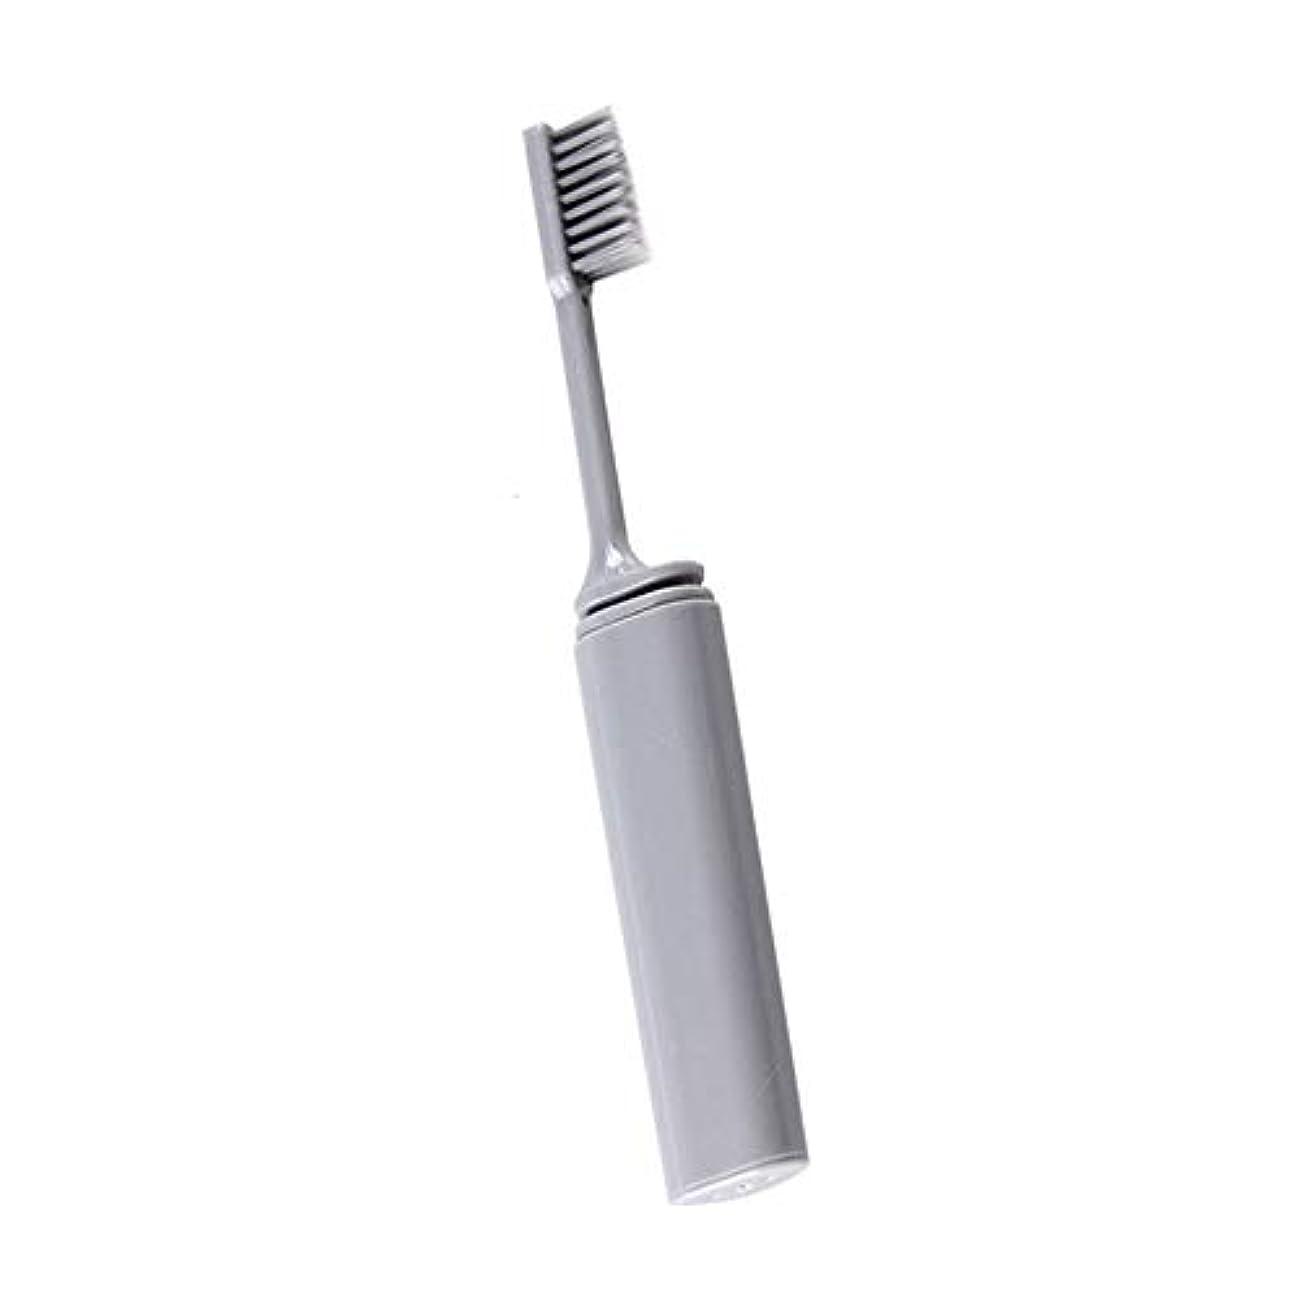 バス摘む干し草Onior 旅行歯ブラシ 折りたたみ歯ブラシ 携帯歯ブラシ 外出 旅行用品, ソフト コンパクト歯ブラシ 便利 折りたたみ 耐久性 携帯用 灰色